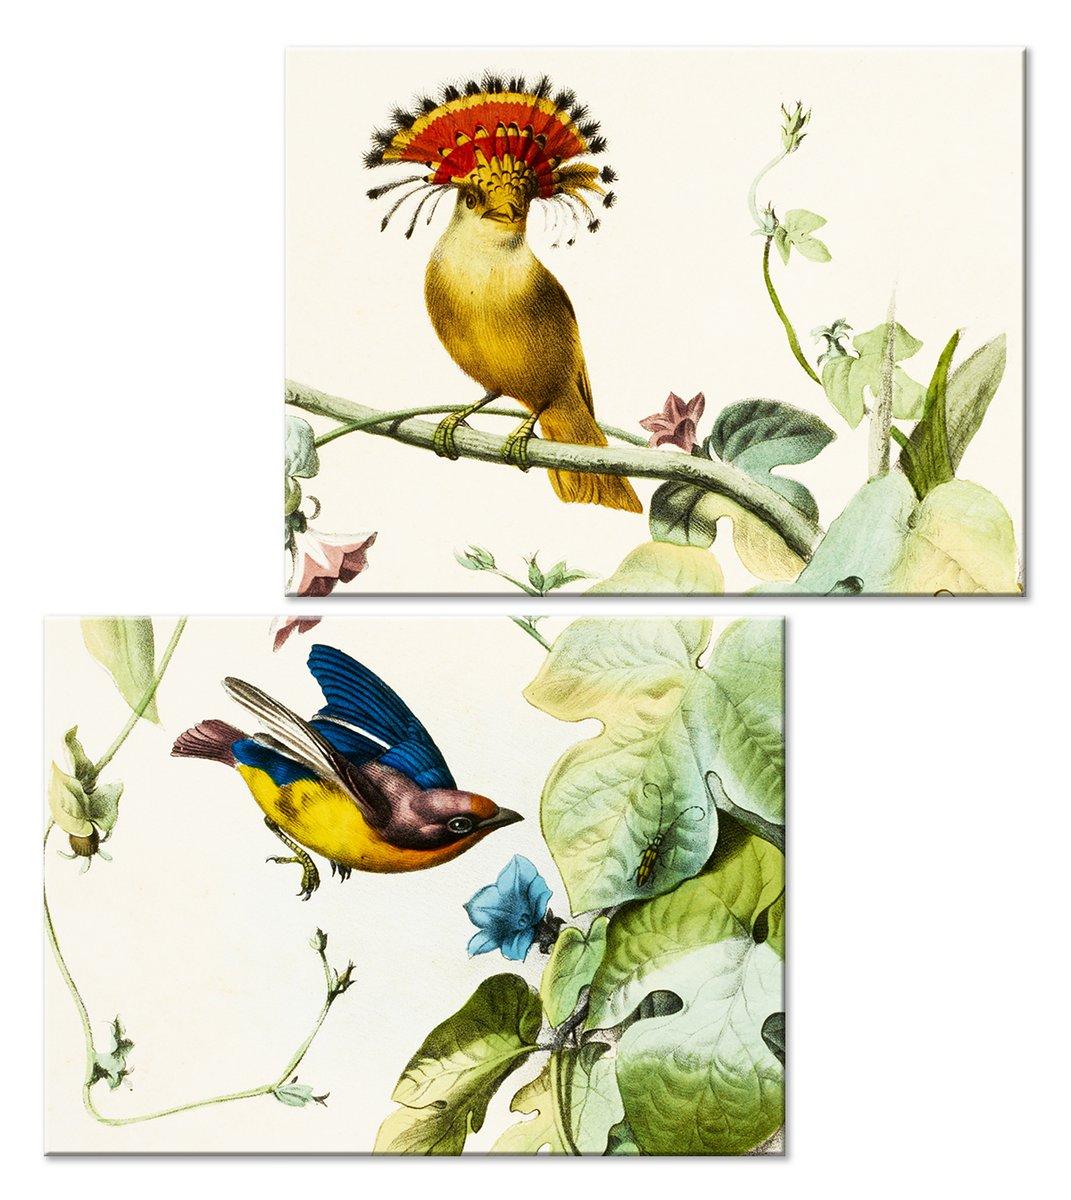 Модульная картина «Волшебные птички», 50x56 см, модульная картинаЖивотные и птицы<br>Модульная картина на натуральном холсте и деревянном подрамнике. Подвес в комплекте. Трехслойная надежная упаковка. Доставим в любую точку России. Вам осталось только повесить картину на стену!<br>